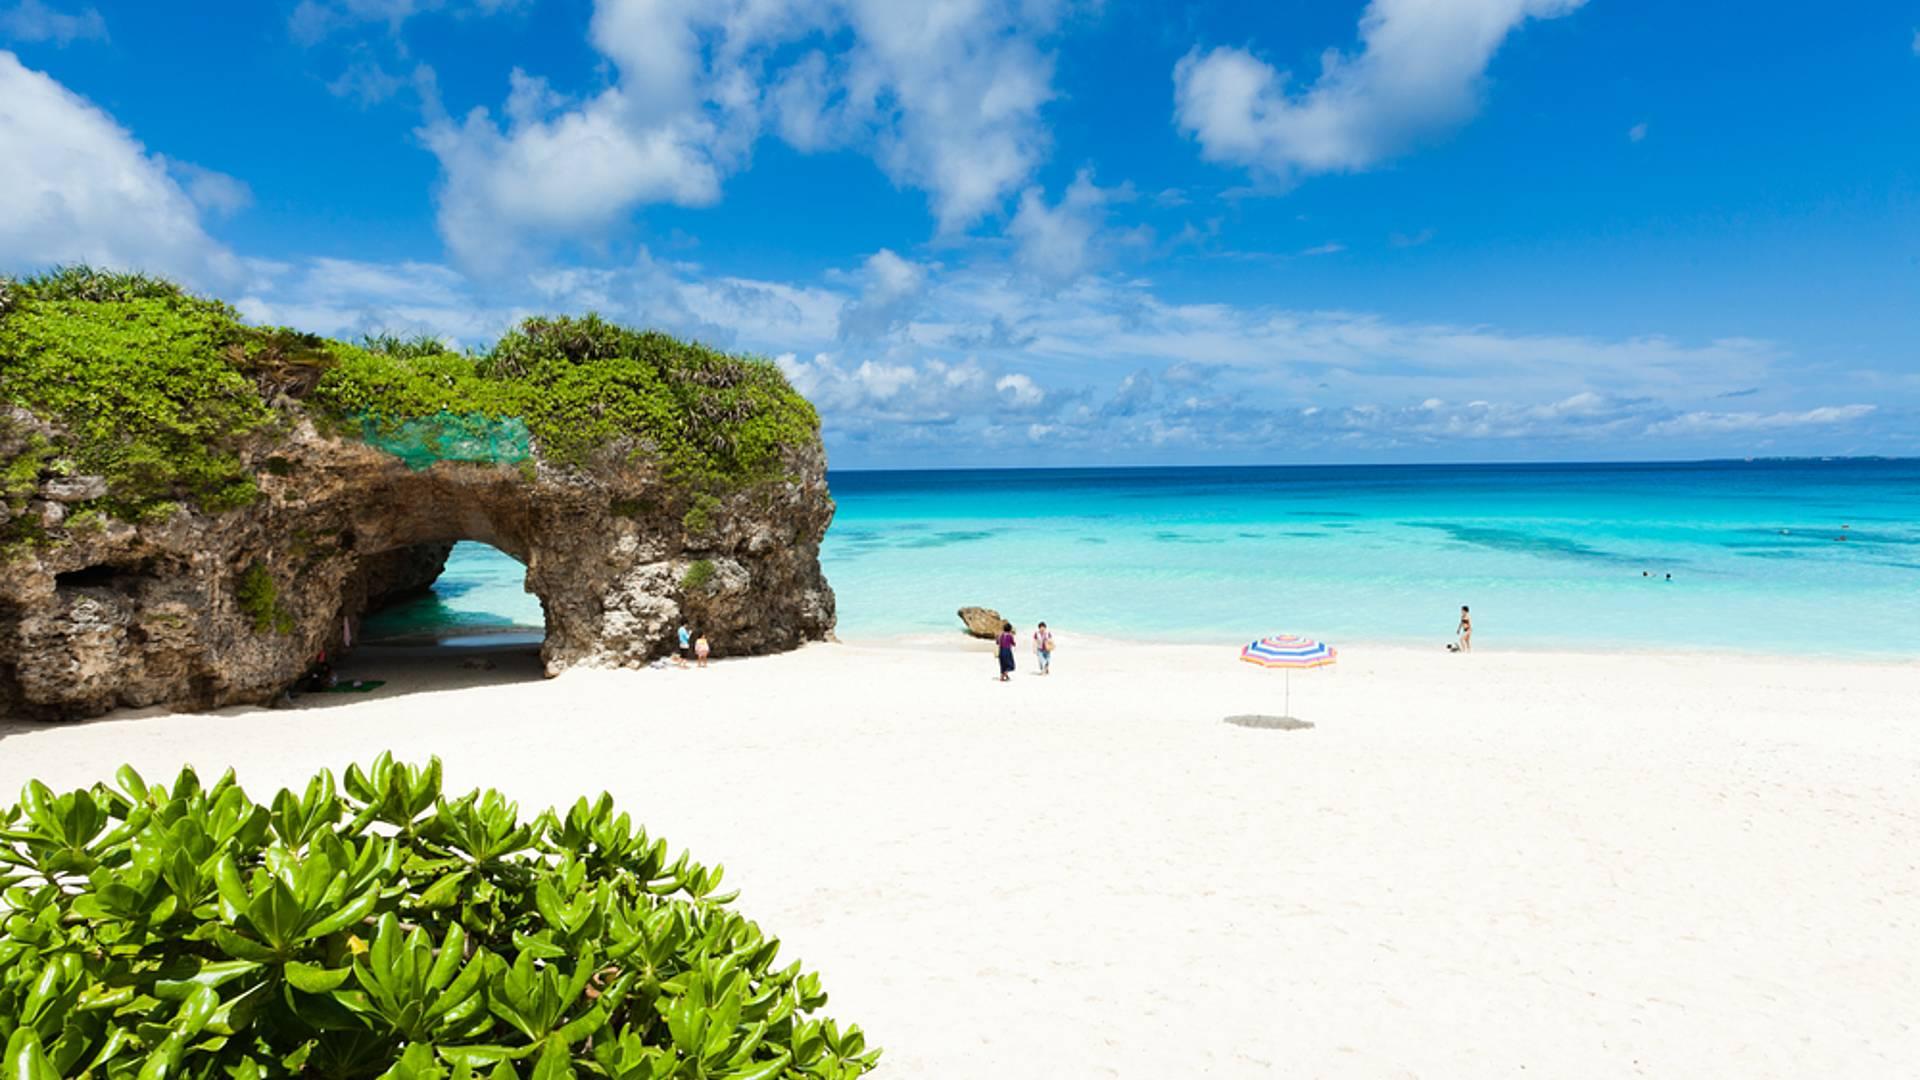 Tropisches Inselparadies und faszinierende Meereswelt